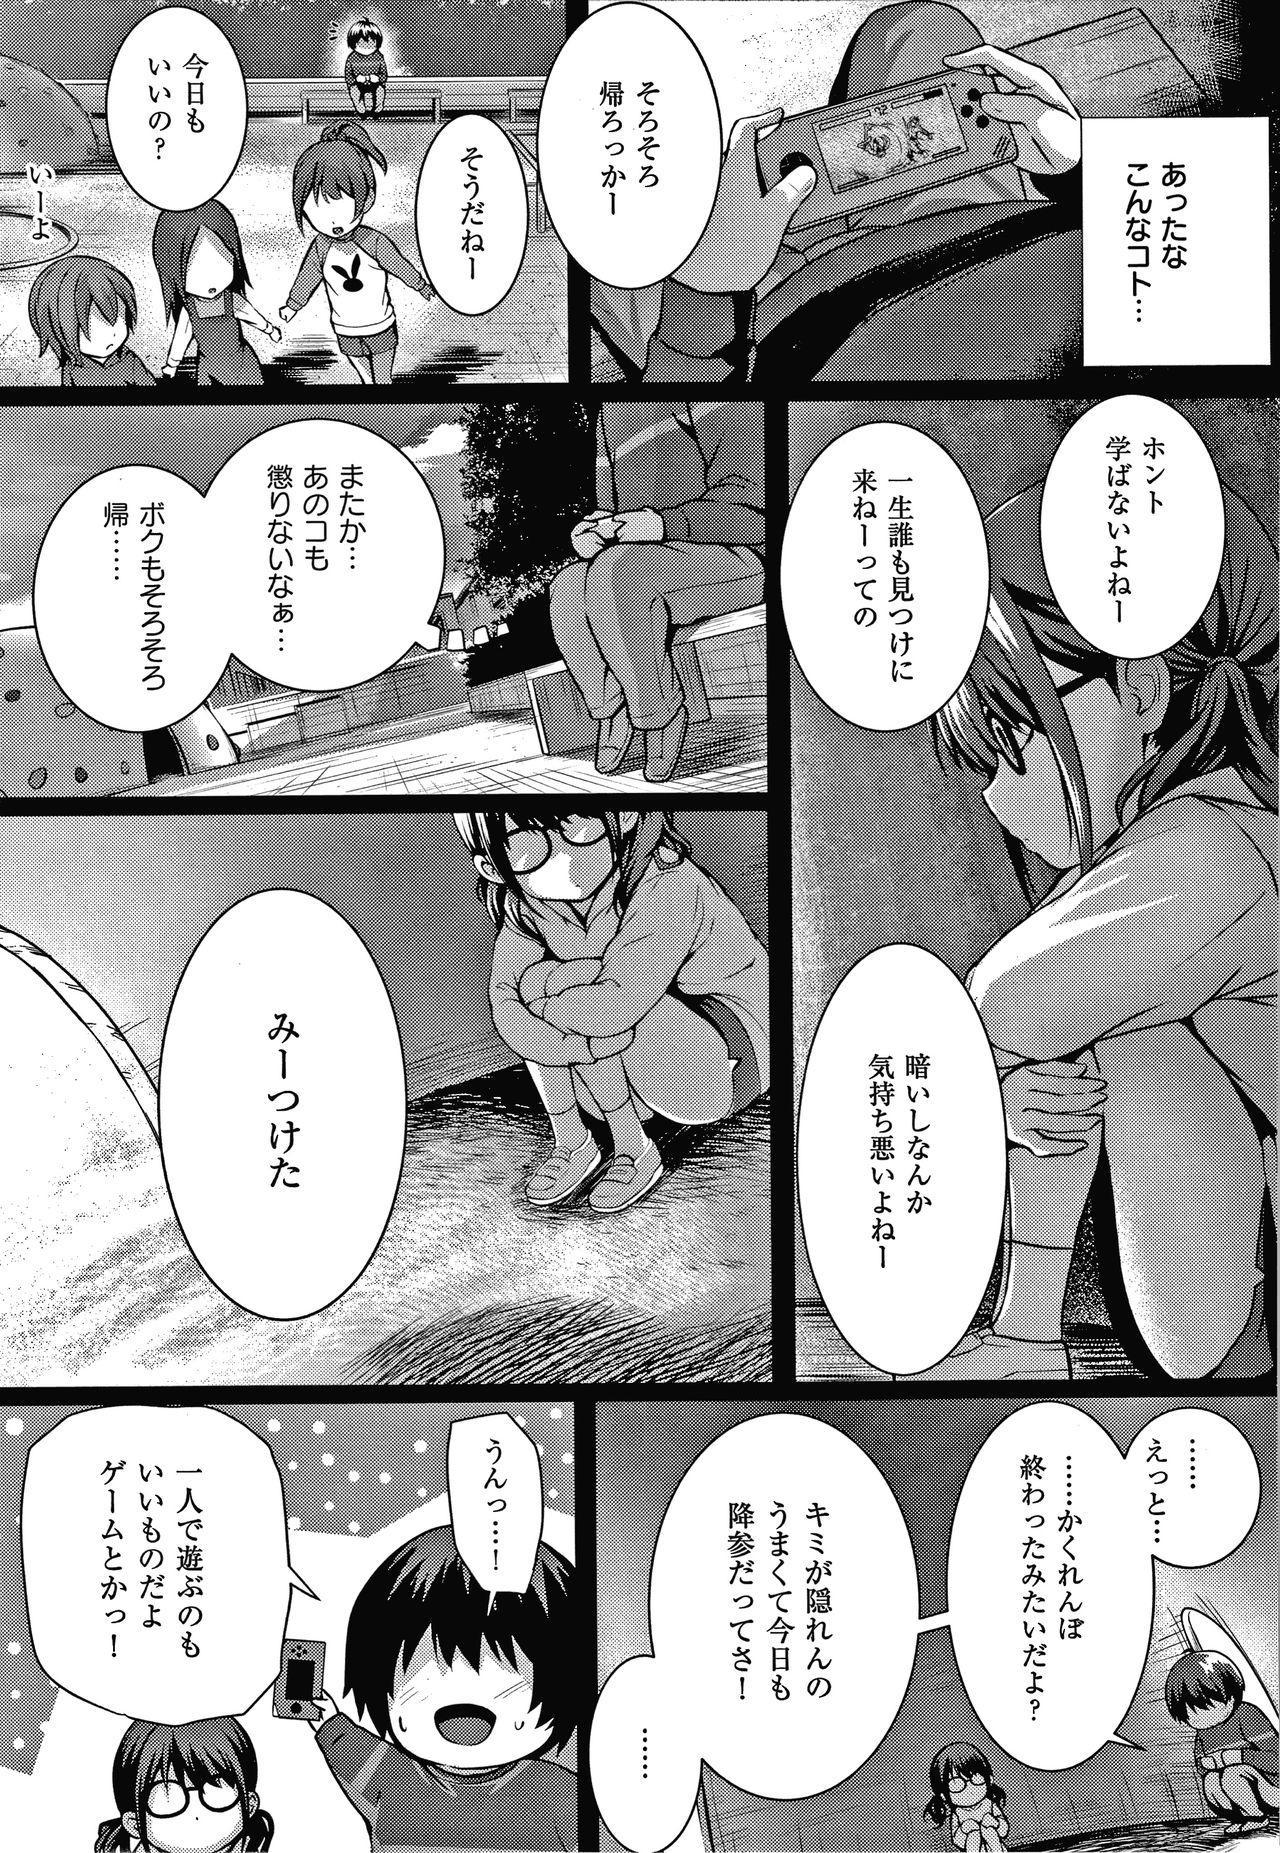 Hatsukoi Jikan 207